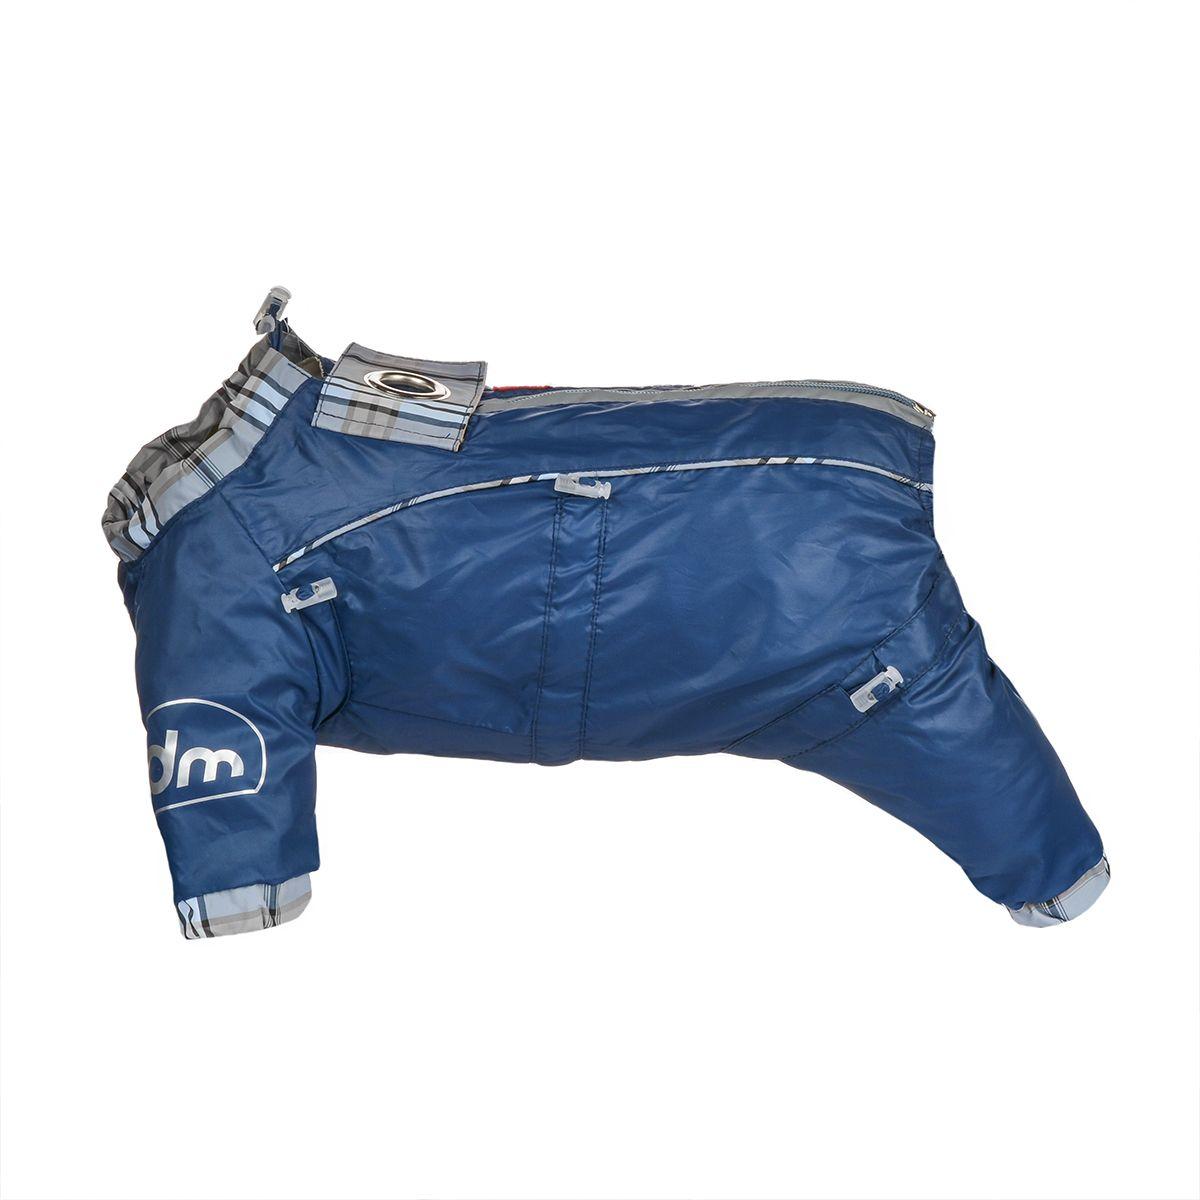 Комбинезон для собак Dogmoda Doggs, для мальчика, цвет: темно-синий. Размер MDM-140516Комбинезон для собак Dogmoda Doggs отлично подойдет для прогулок в ветреную погоду. Комбинезон изготовлен из полиэстера, защищающего от ветра и осадков, с подкладкой из вискозы, которая обеспечит отличный воздухообмен. Комбинезон застегивается на молнию и липучку, благодаря чему его легко надевать и снимать. Молния снабжена светоотражающими элементами. Низ рукавов и брючин оснащен внутренними резинками, которые мягко обхватывают лапки, не позволяя просачиваться холодному воздуху. На вороте, пояснице и лапках комбинезон затягивается на шнурок-кулиску с затяжкой. Модель снабжена непромокаемым карманом для размещения записки с информацией о вашем питомце, на случай если он потеряется. Благодаря такому комбинезону простуда не грозит вашему питомцу и он не даст любимцу продрогнуть на прогулке.